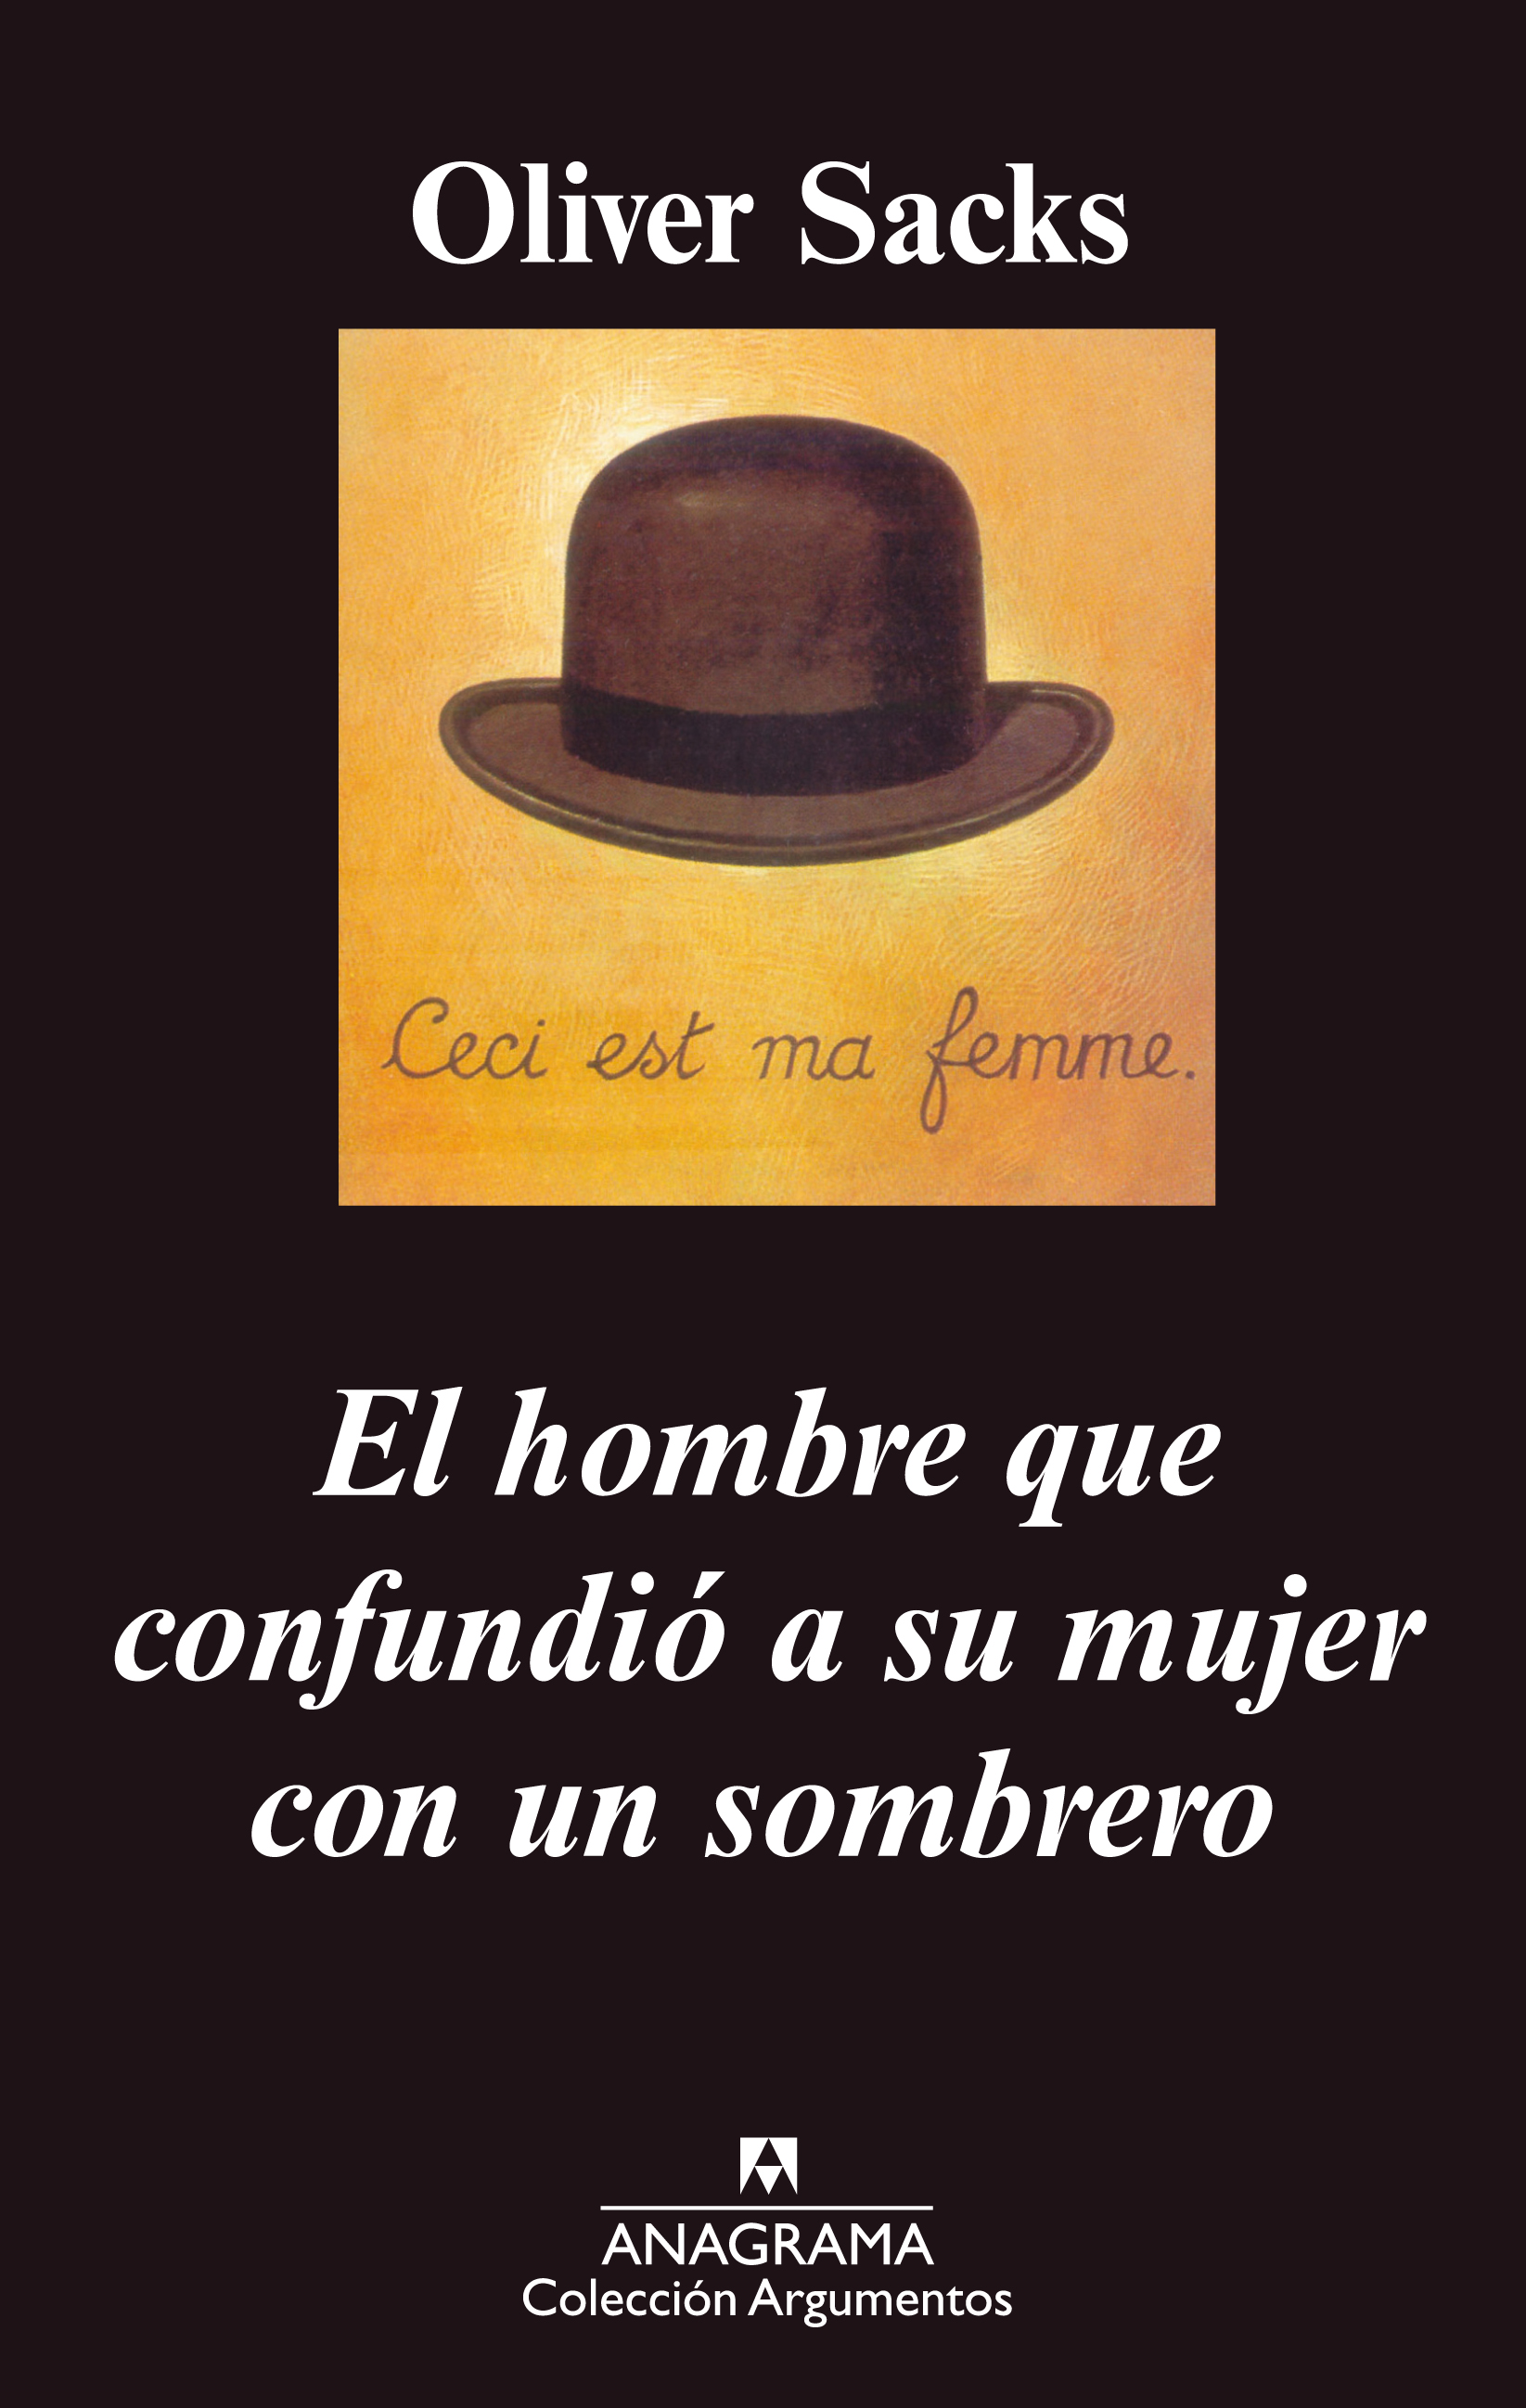 El hombre que confundió a su mujer con un sombrero - Sacks, Oliver -  978-84-339-6171-6 - Editorial Anagrama